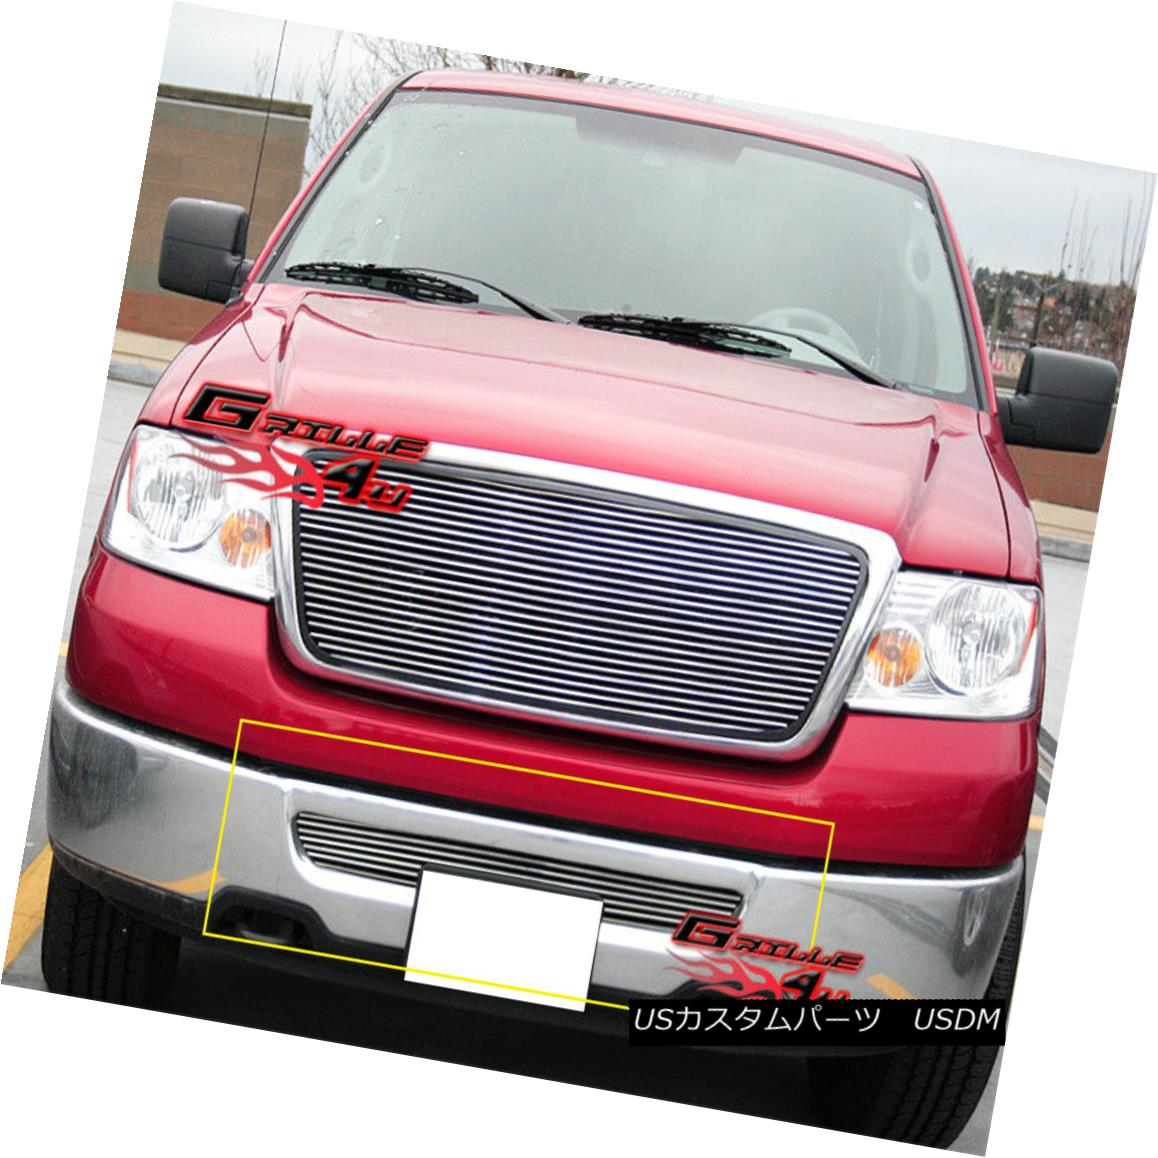 グリル Fits 2006-2008 Ford F-150 Lower Bumper Billet Grille Insert フィット2006-2008 Ford F-150ロワーバンパービレットグリルインサート